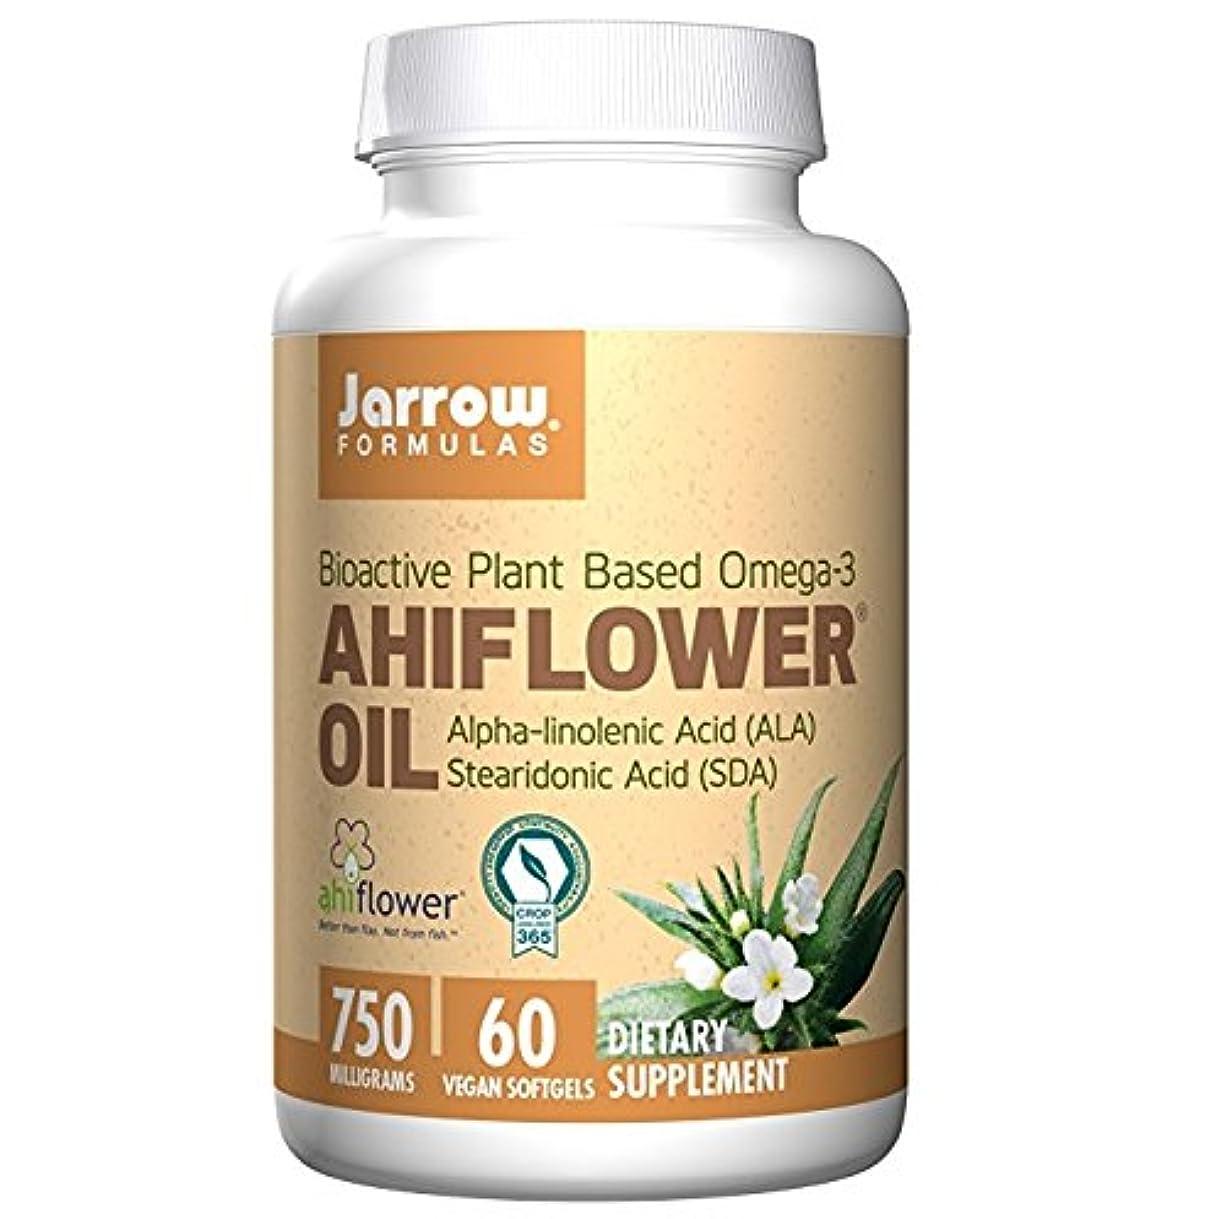 派生するよりウサギ【海外直送品】Jarrow Formulas - Ahiflower Oil - 60ソフトジェル アヒフラワー